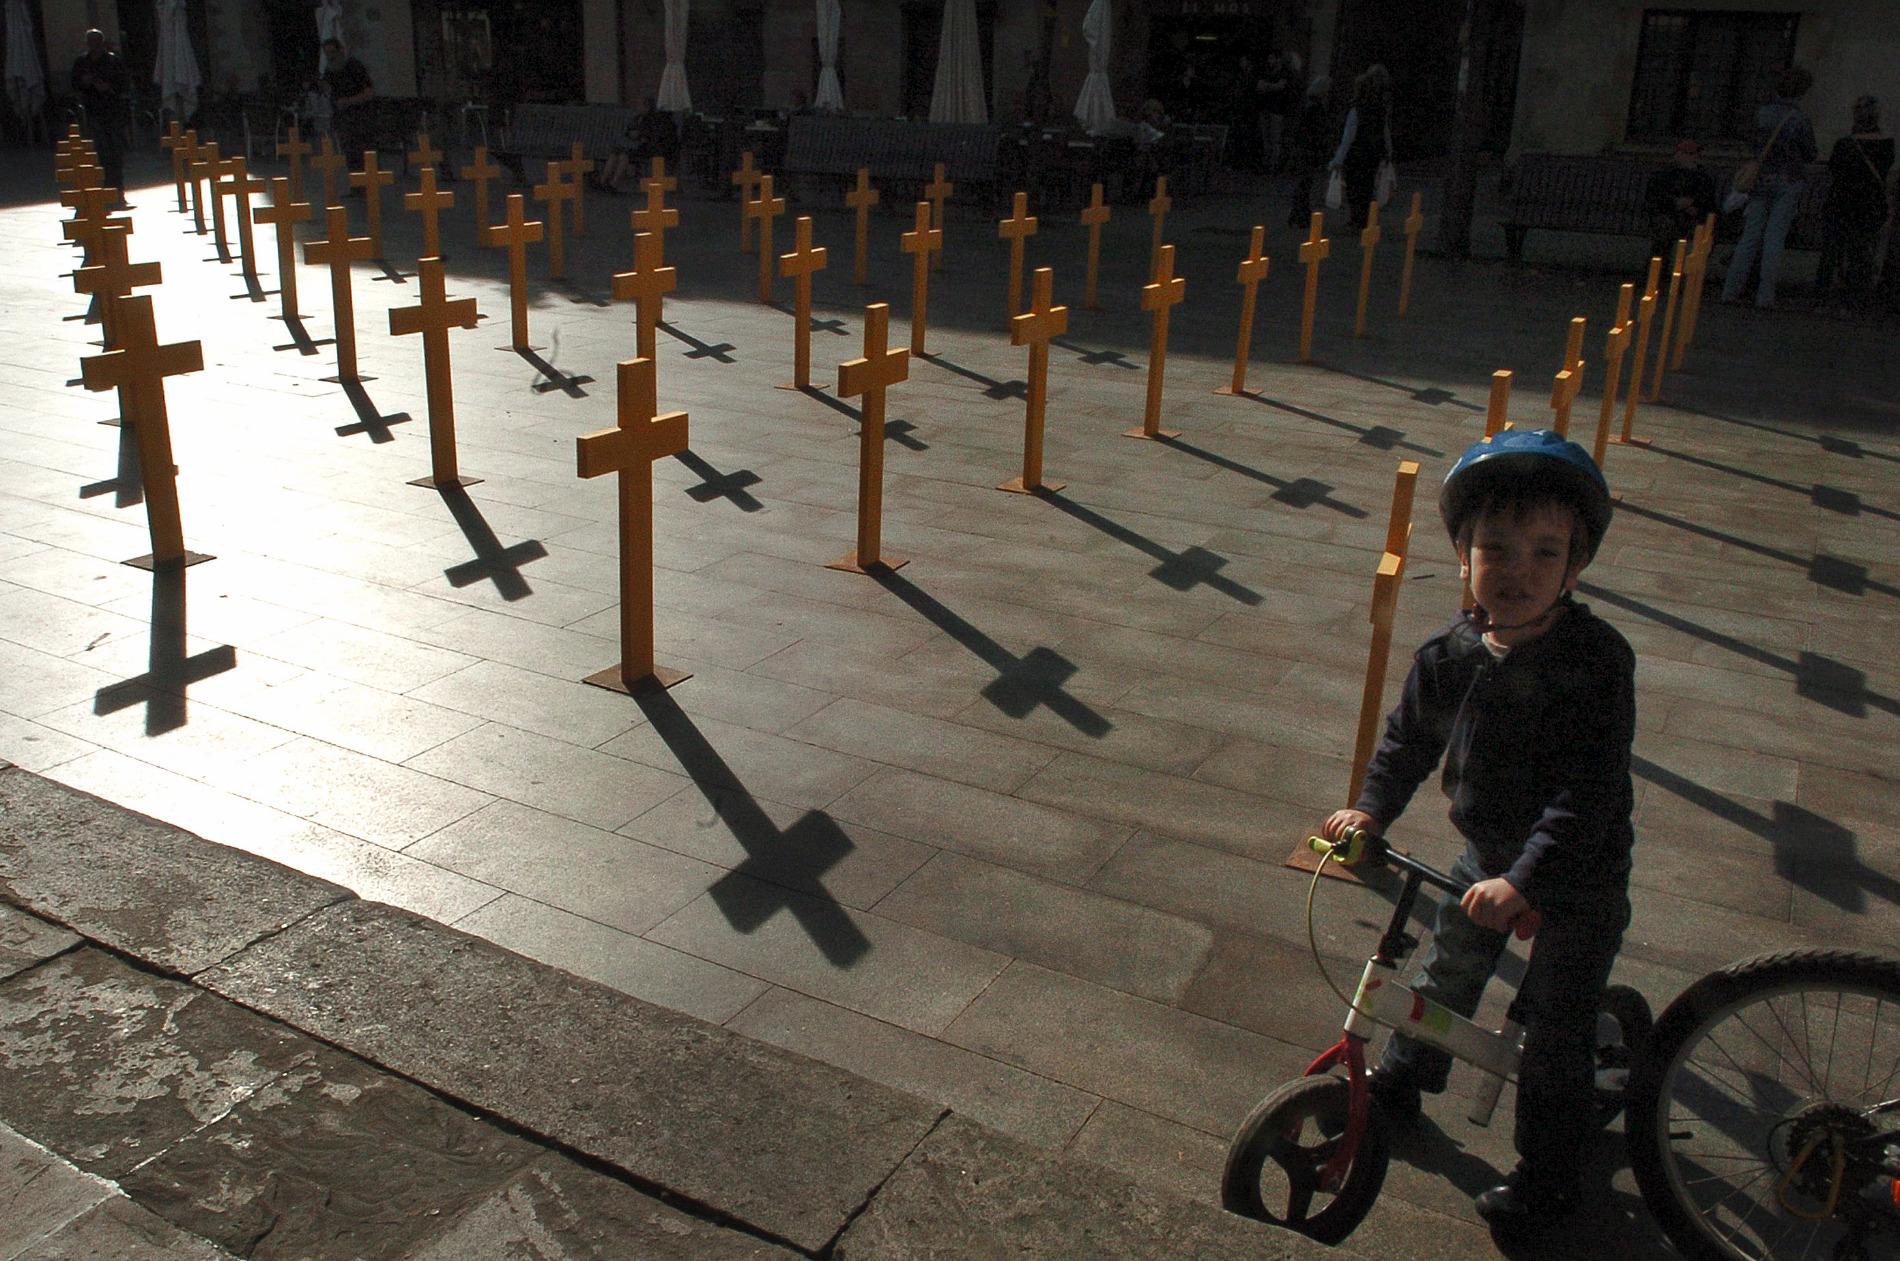 La Porxada s'ha omplert de creus grogues